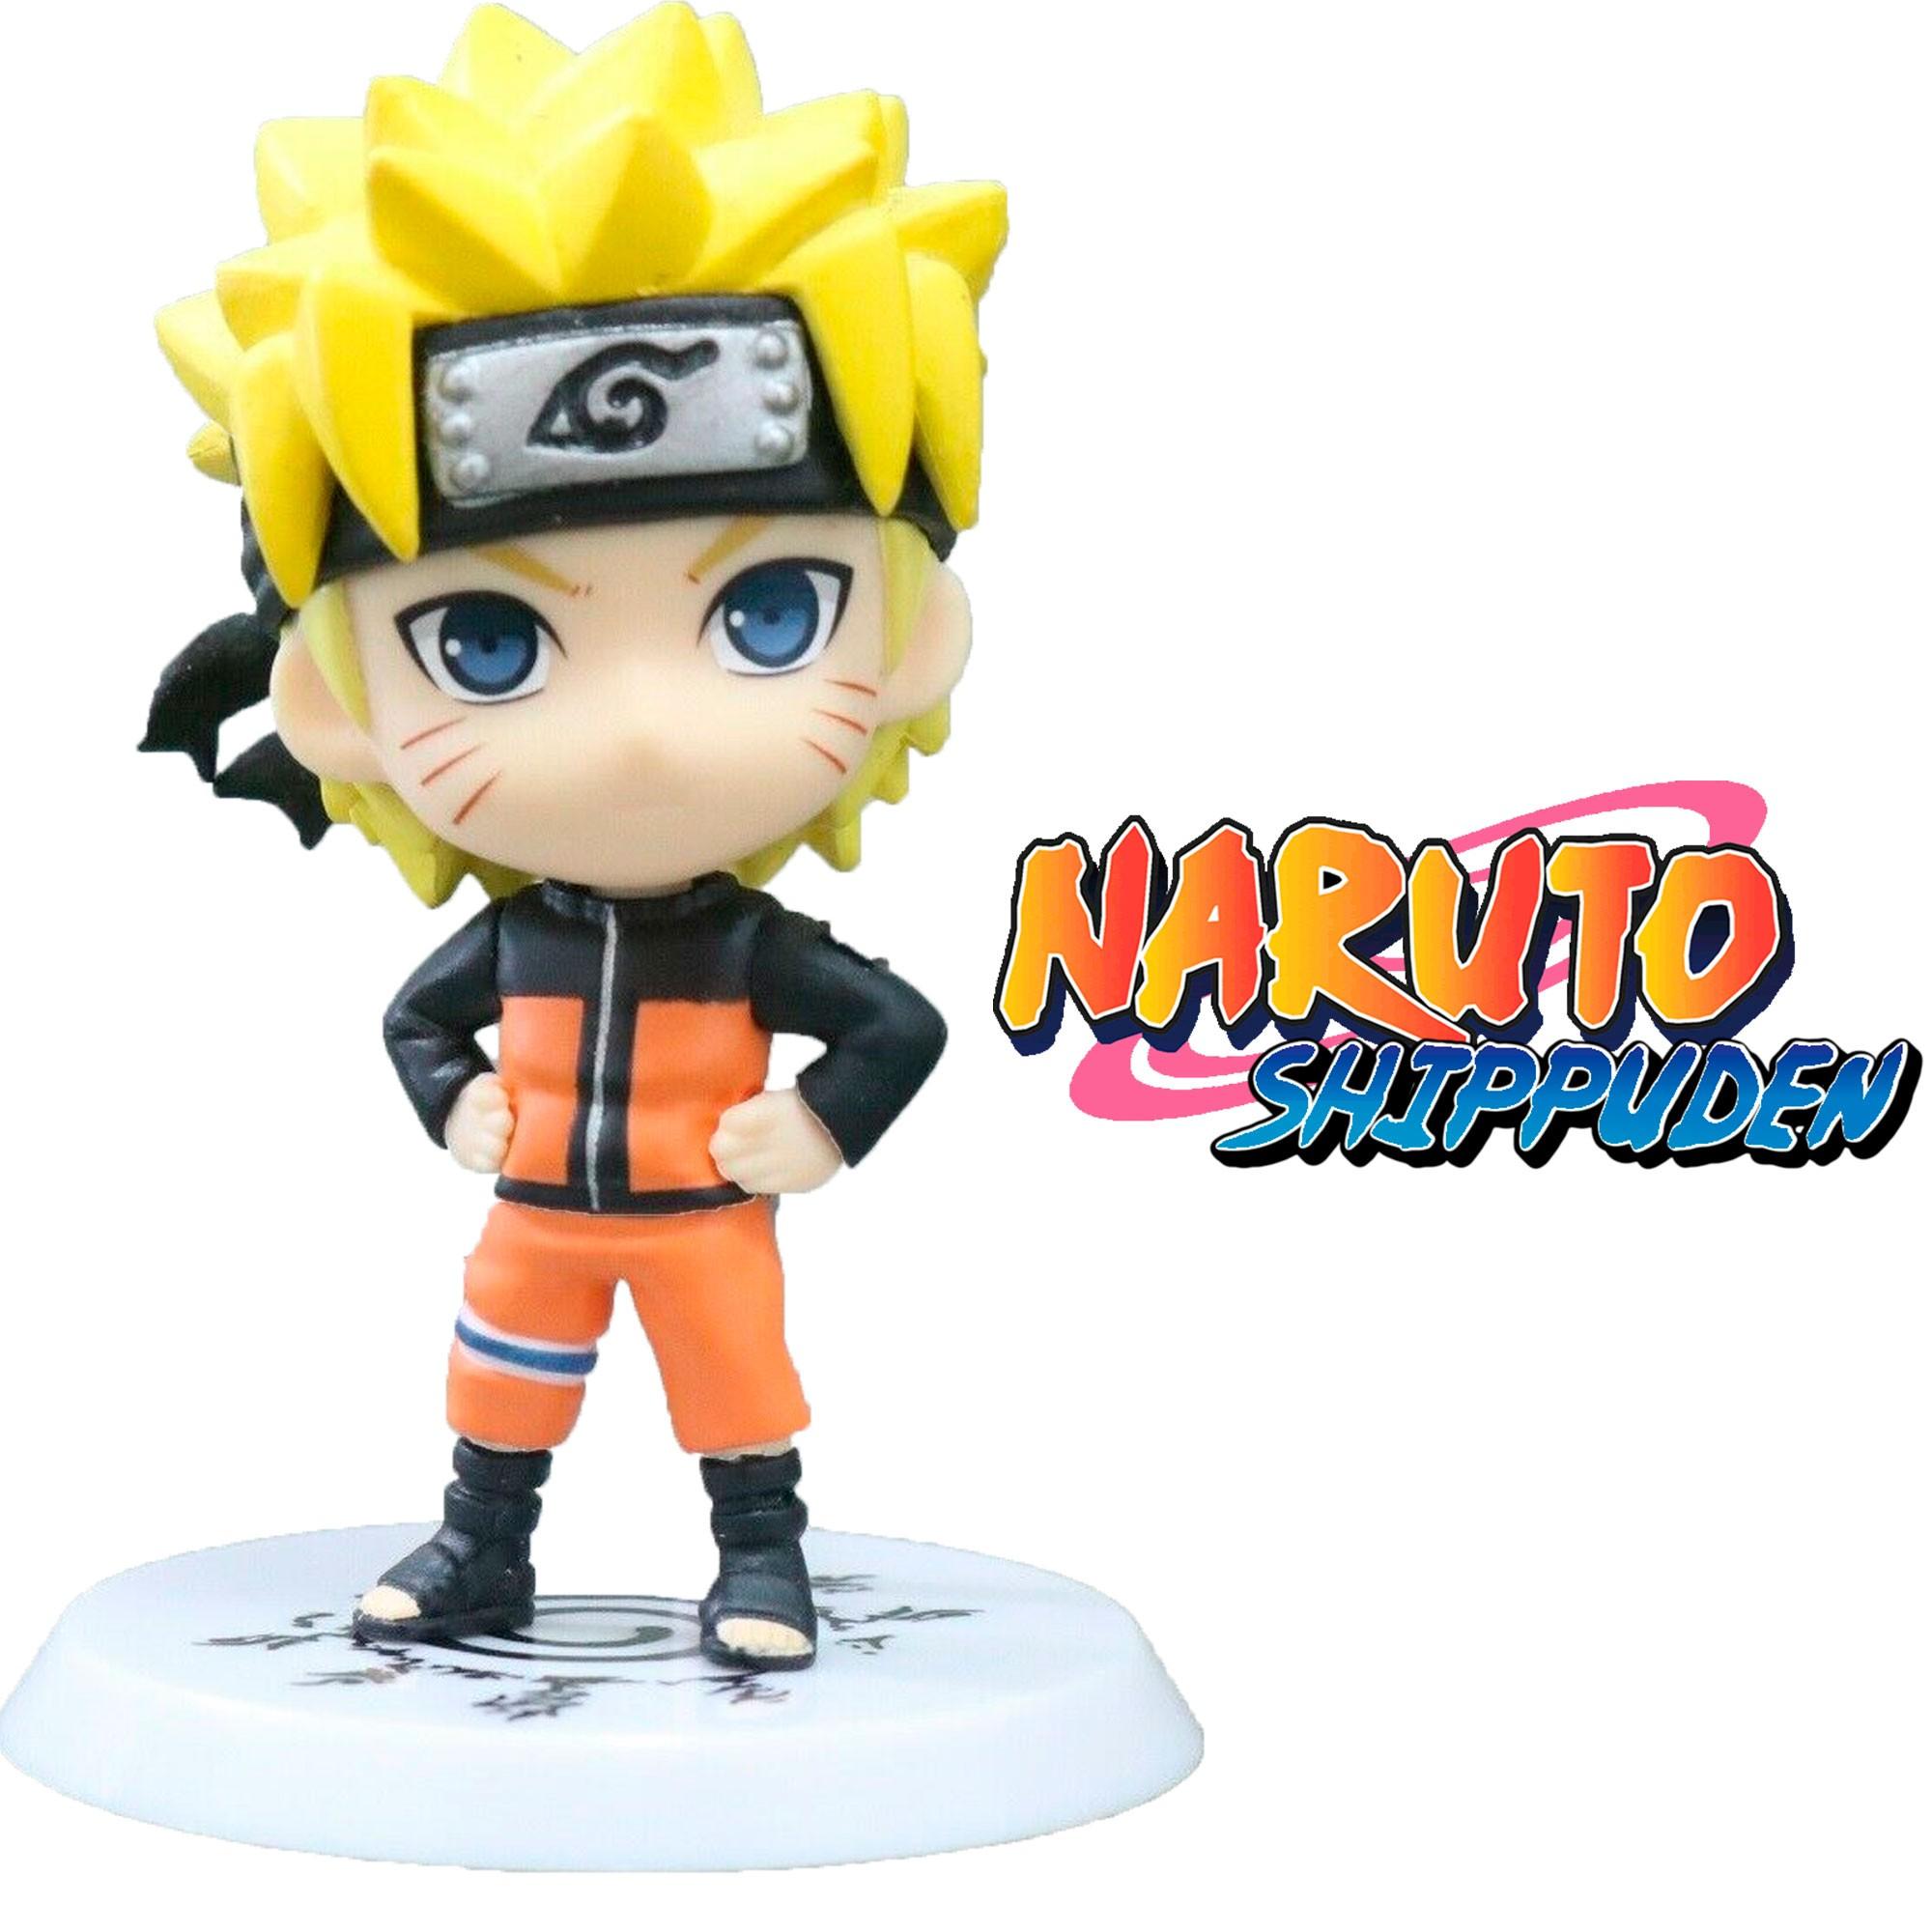 Naruto Kyun Chara - Naruto Shippuden